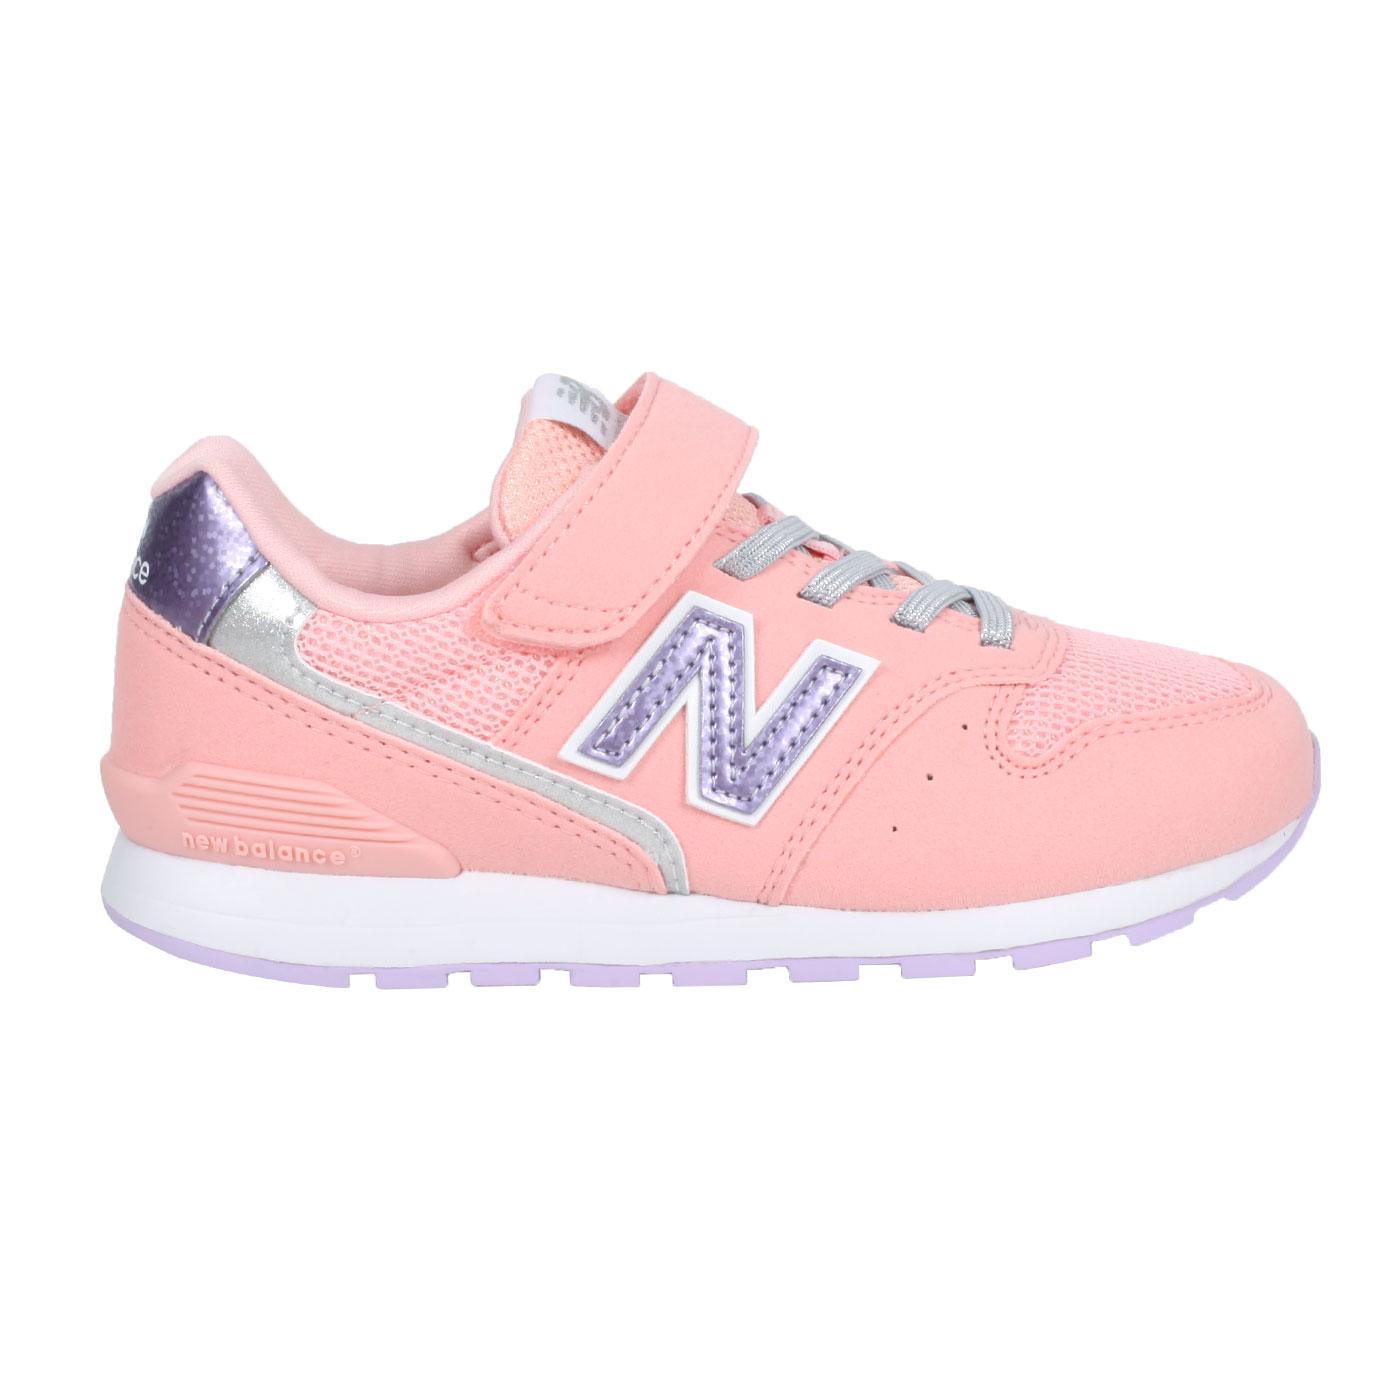 NEW BALANCE 中童休閒運動鞋-WIDE YV996UPN - 粉橘紫